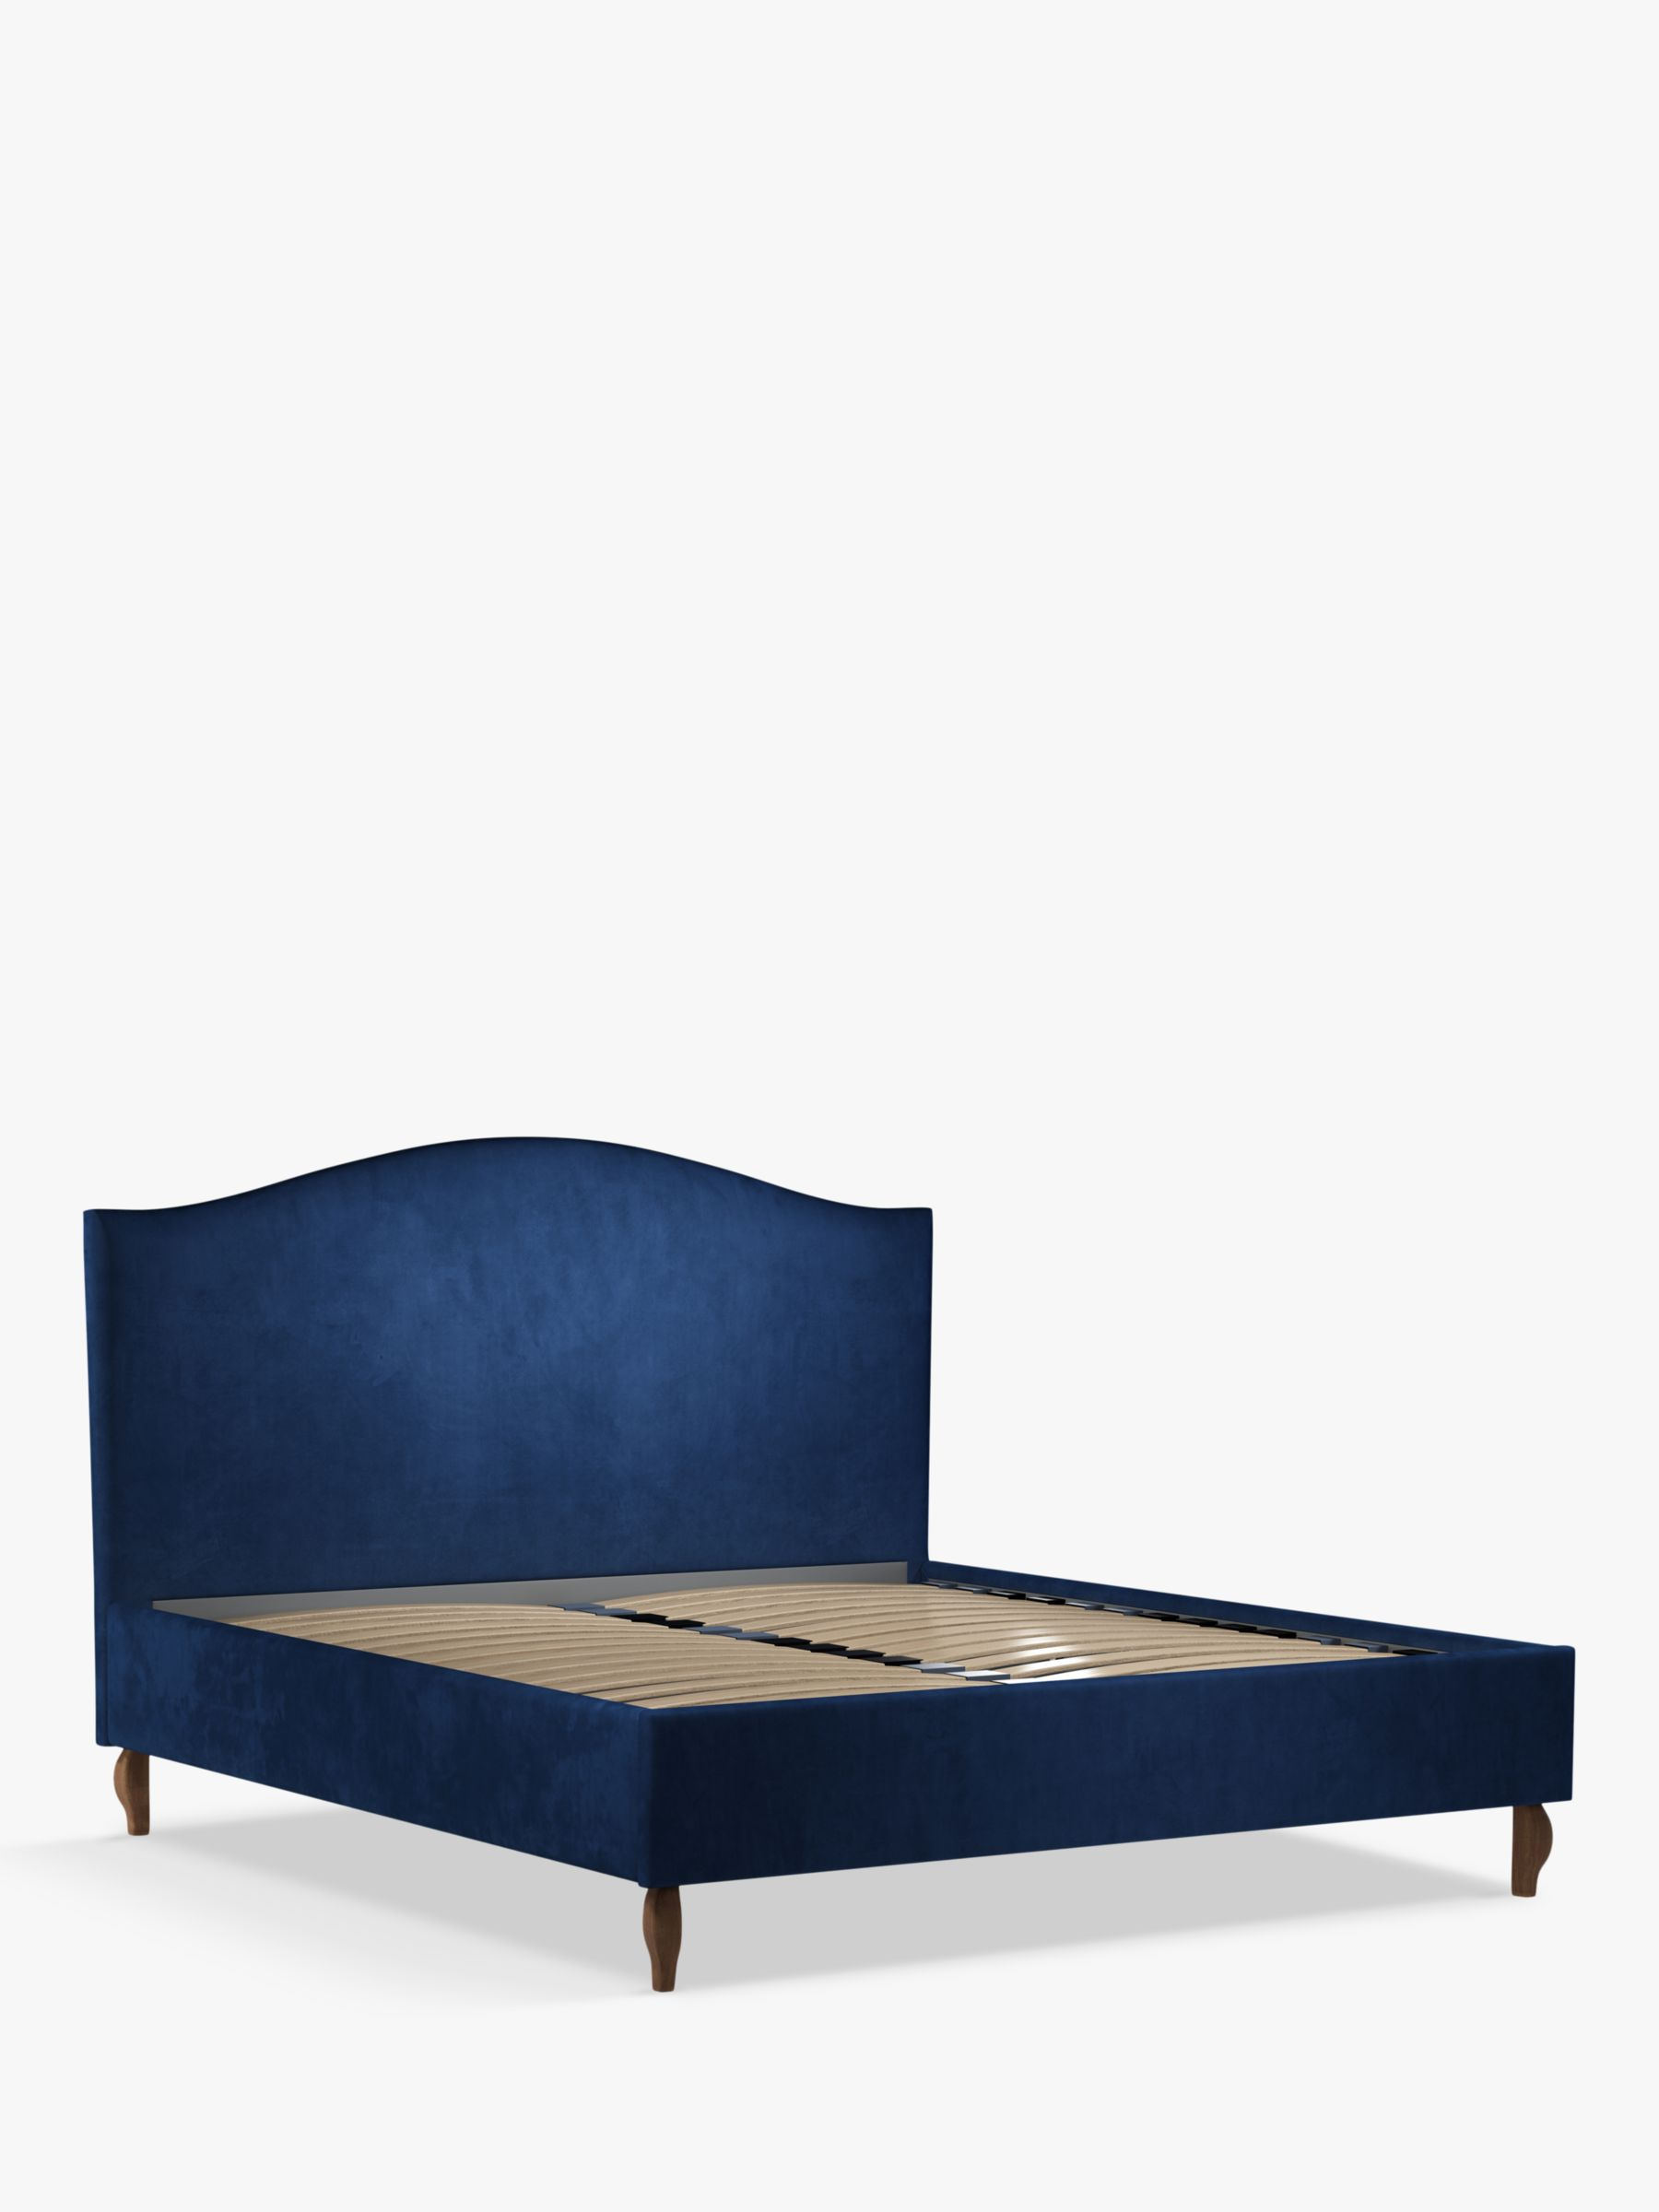 John Lewis & Partners Charlotte Upholstered Bed Frame, Super King Size